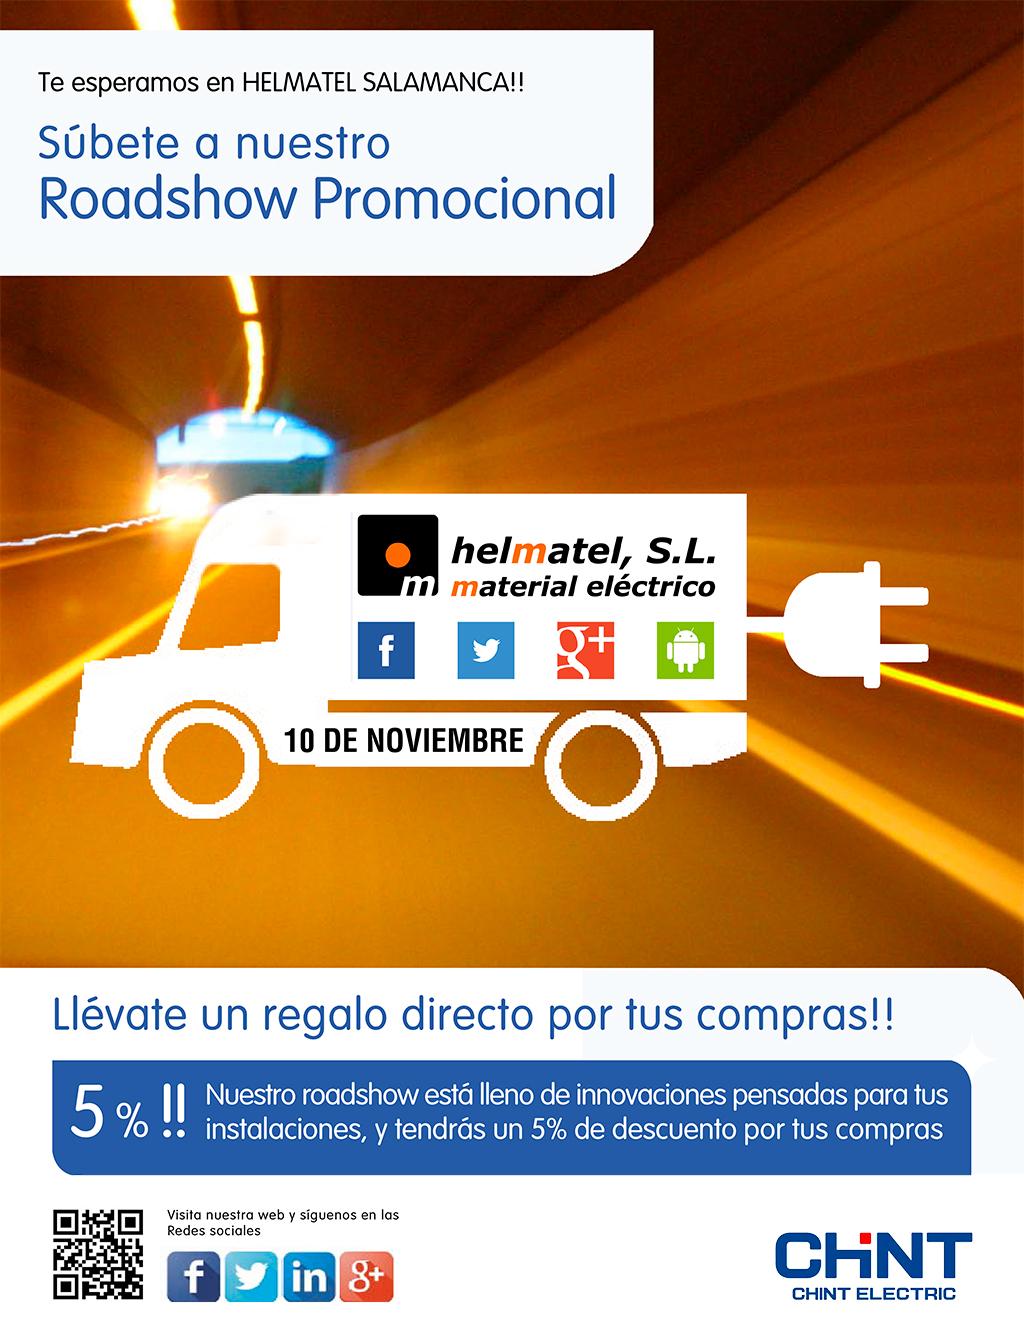 ¡El 10 de noviembre llega el Roadshow Chint a Helmatel!